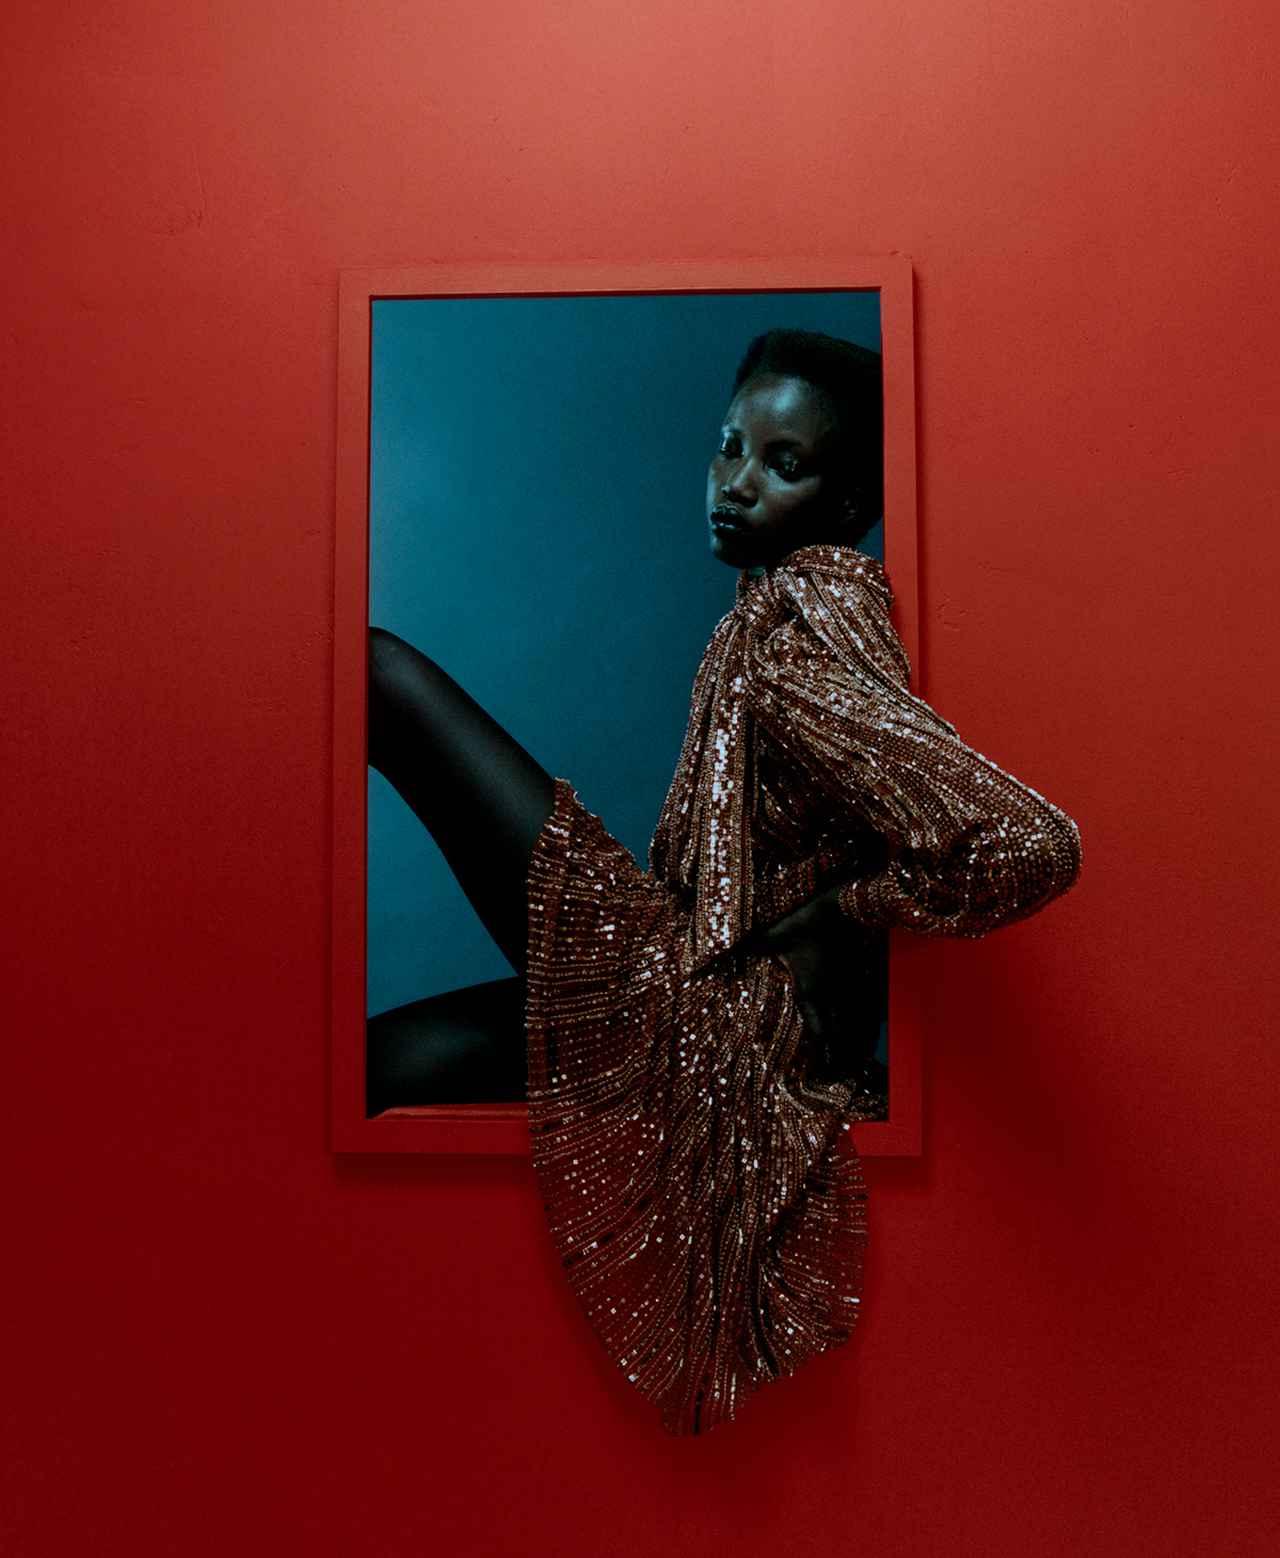 Images : 4番目の画像 - 「秋、麗人たちの装いに 不可欠なのは 真紅、煌めき、つややかなレザー」のアルバム - T JAPAN:The New York Times Style Magazine 公式サイト